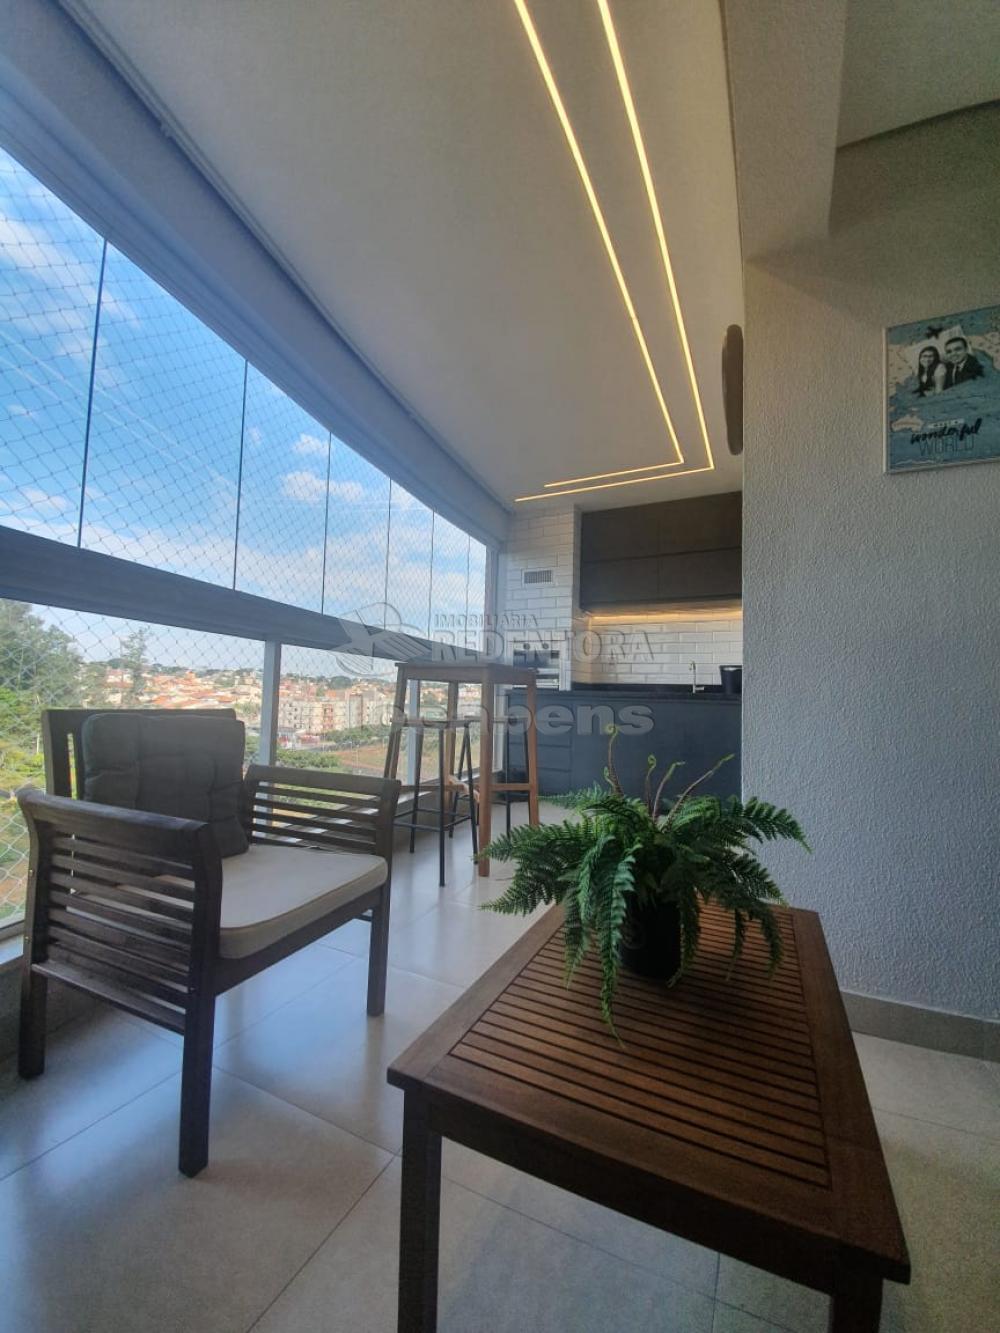 Comprar Apartamento / Padrão em São José do Rio Preto apenas R$ 699.000,00 - Foto 3